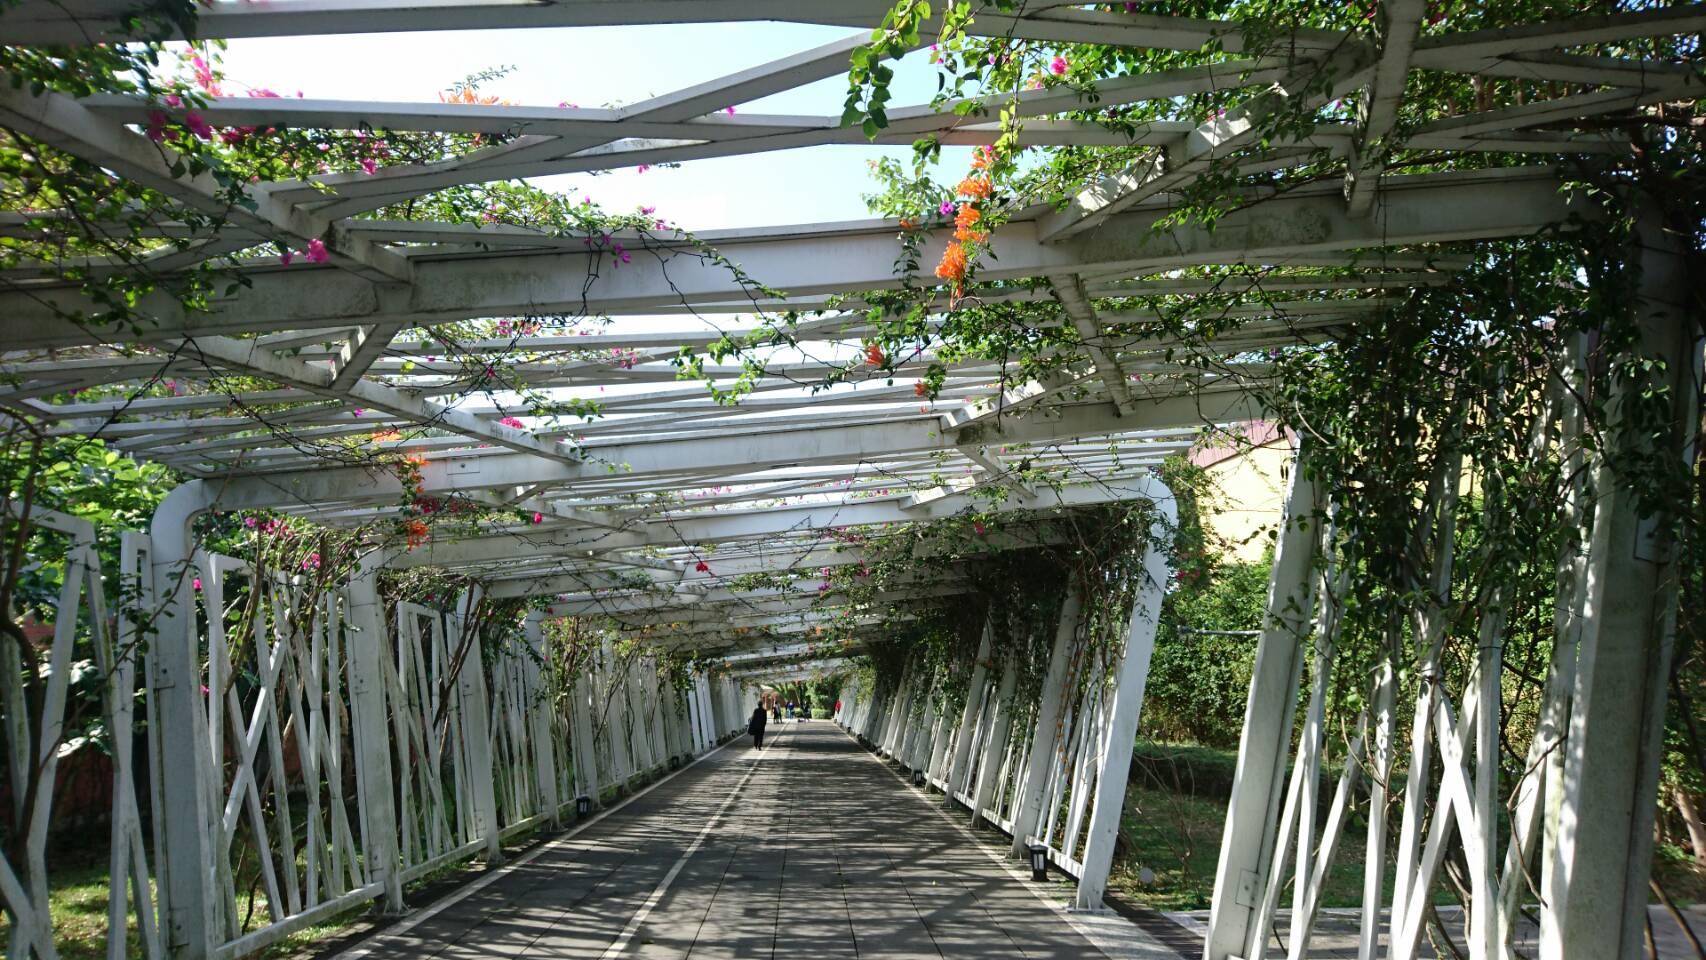 圖6、光影交錯的花之隧道,景深效果佳是攝影家愛好的景點。